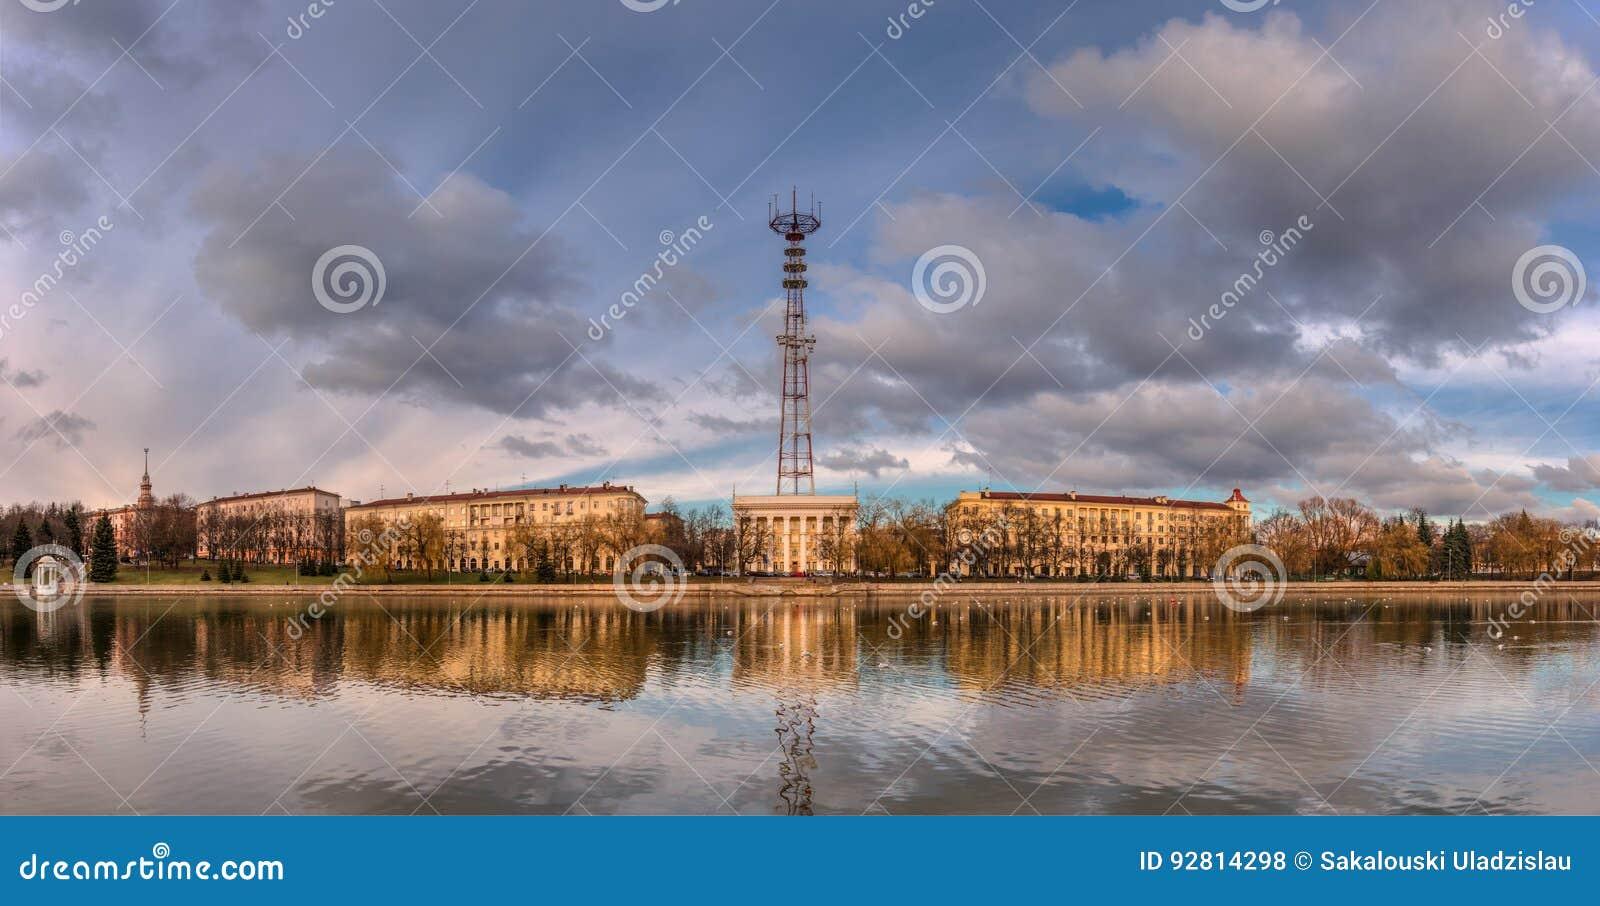 Minsk, capitale du Belarus Remblai panoramique d Autumn View Of The River Svisloch, centre de télévision de Minsk avec la tour de